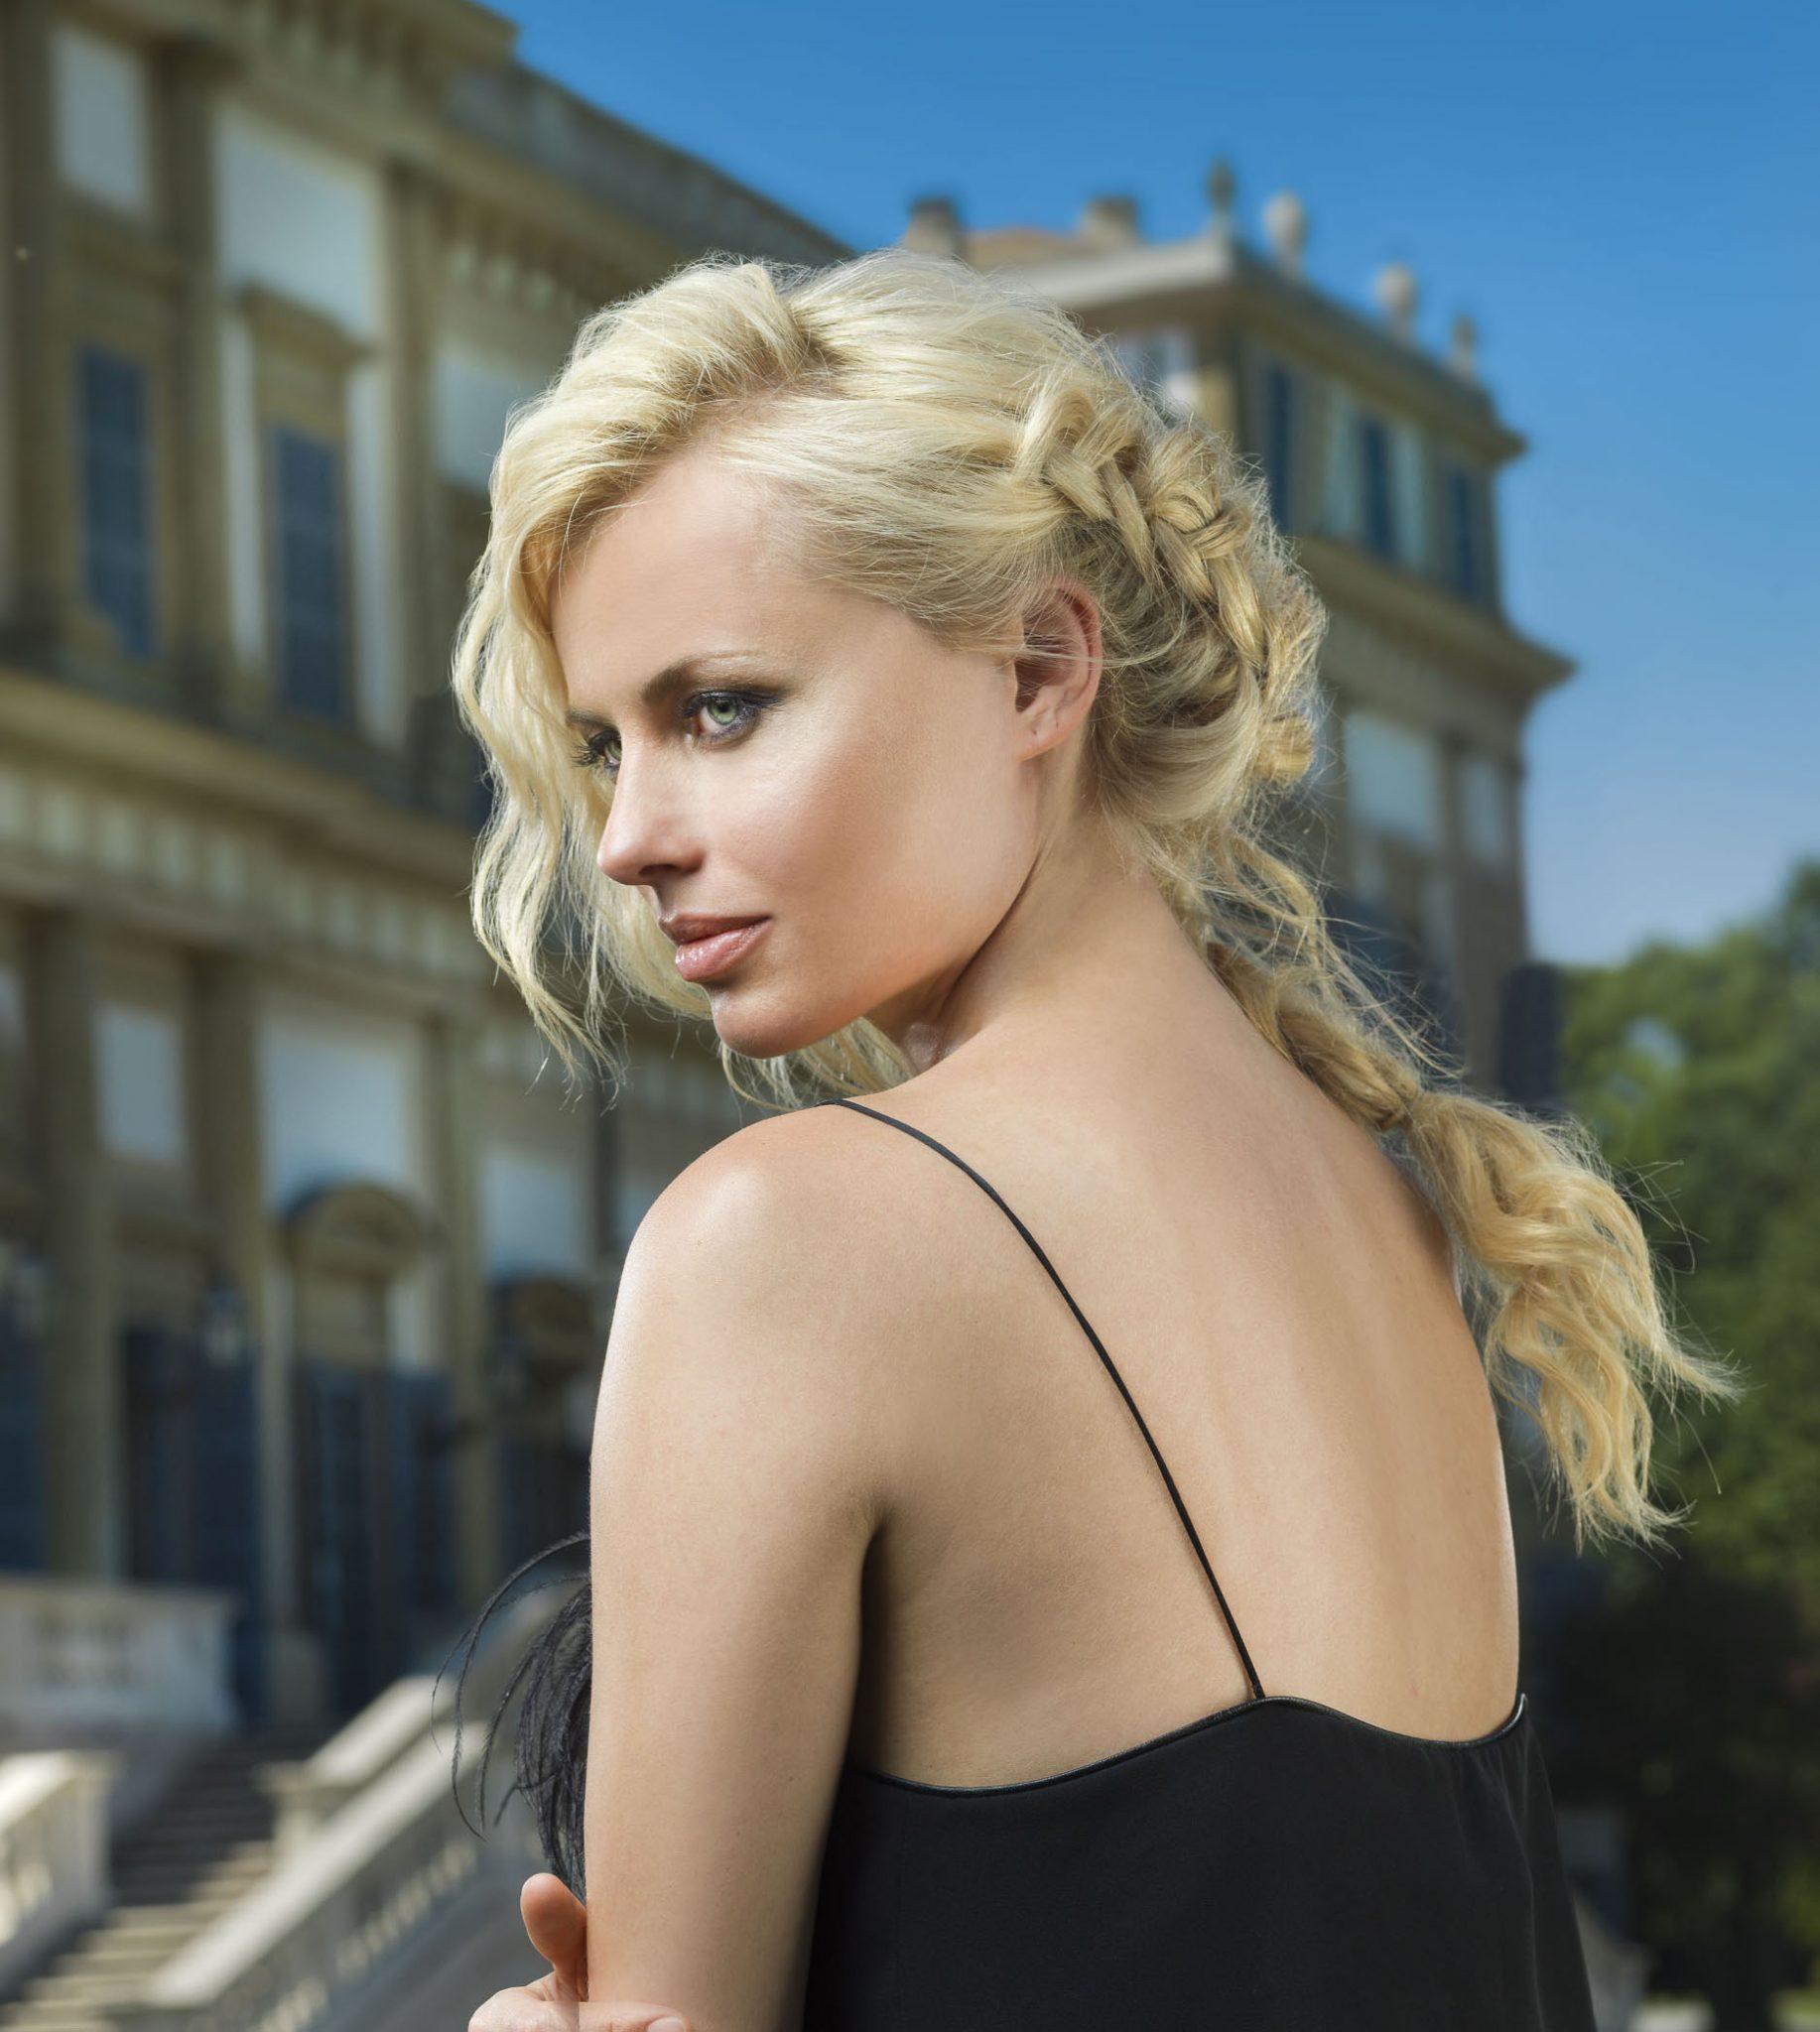 Olga_34